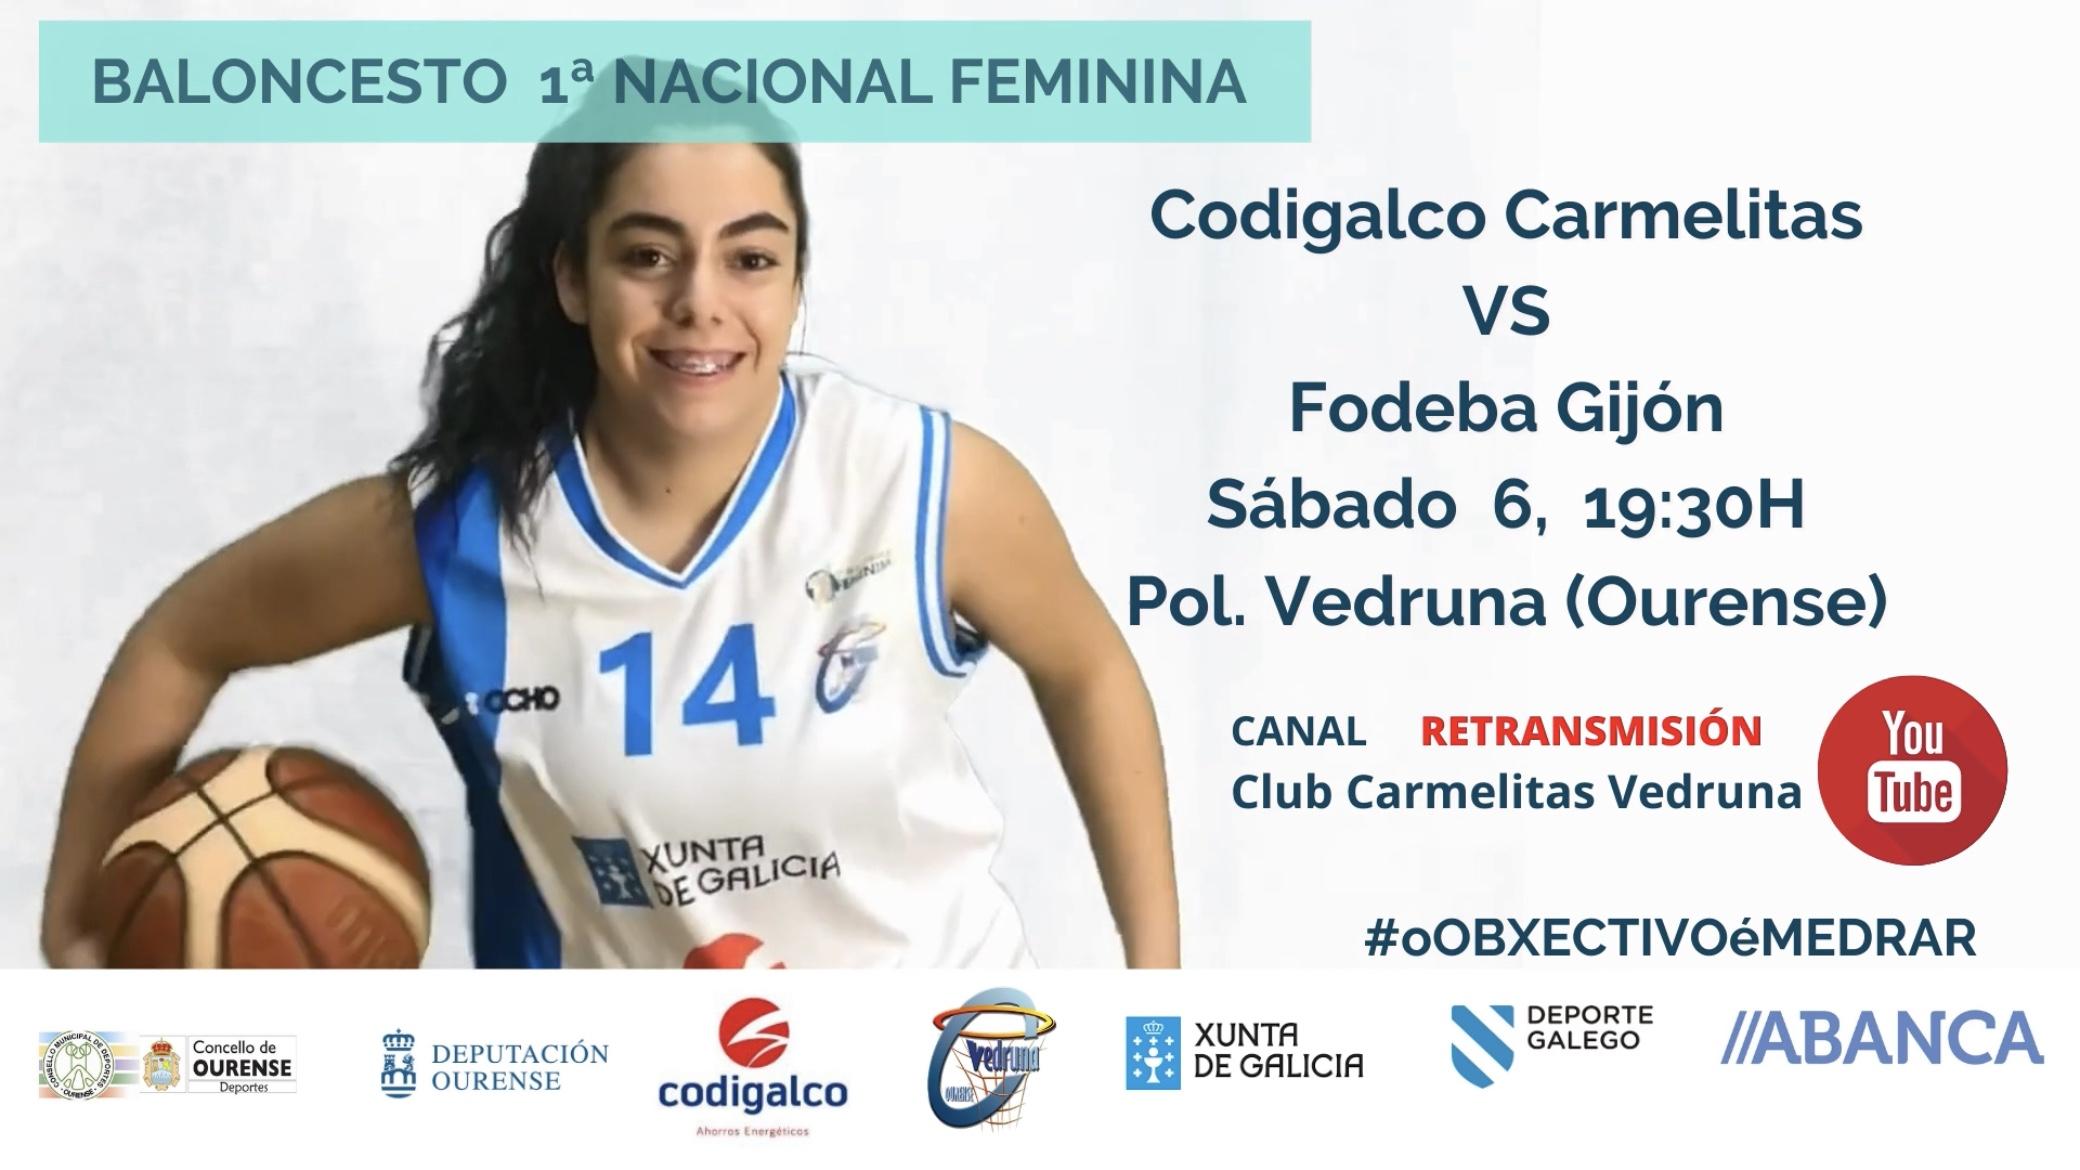 El Codigalco Carmelitas recibe al Fodeba Gijón este sábado en el Vedruna desde las 19:30h